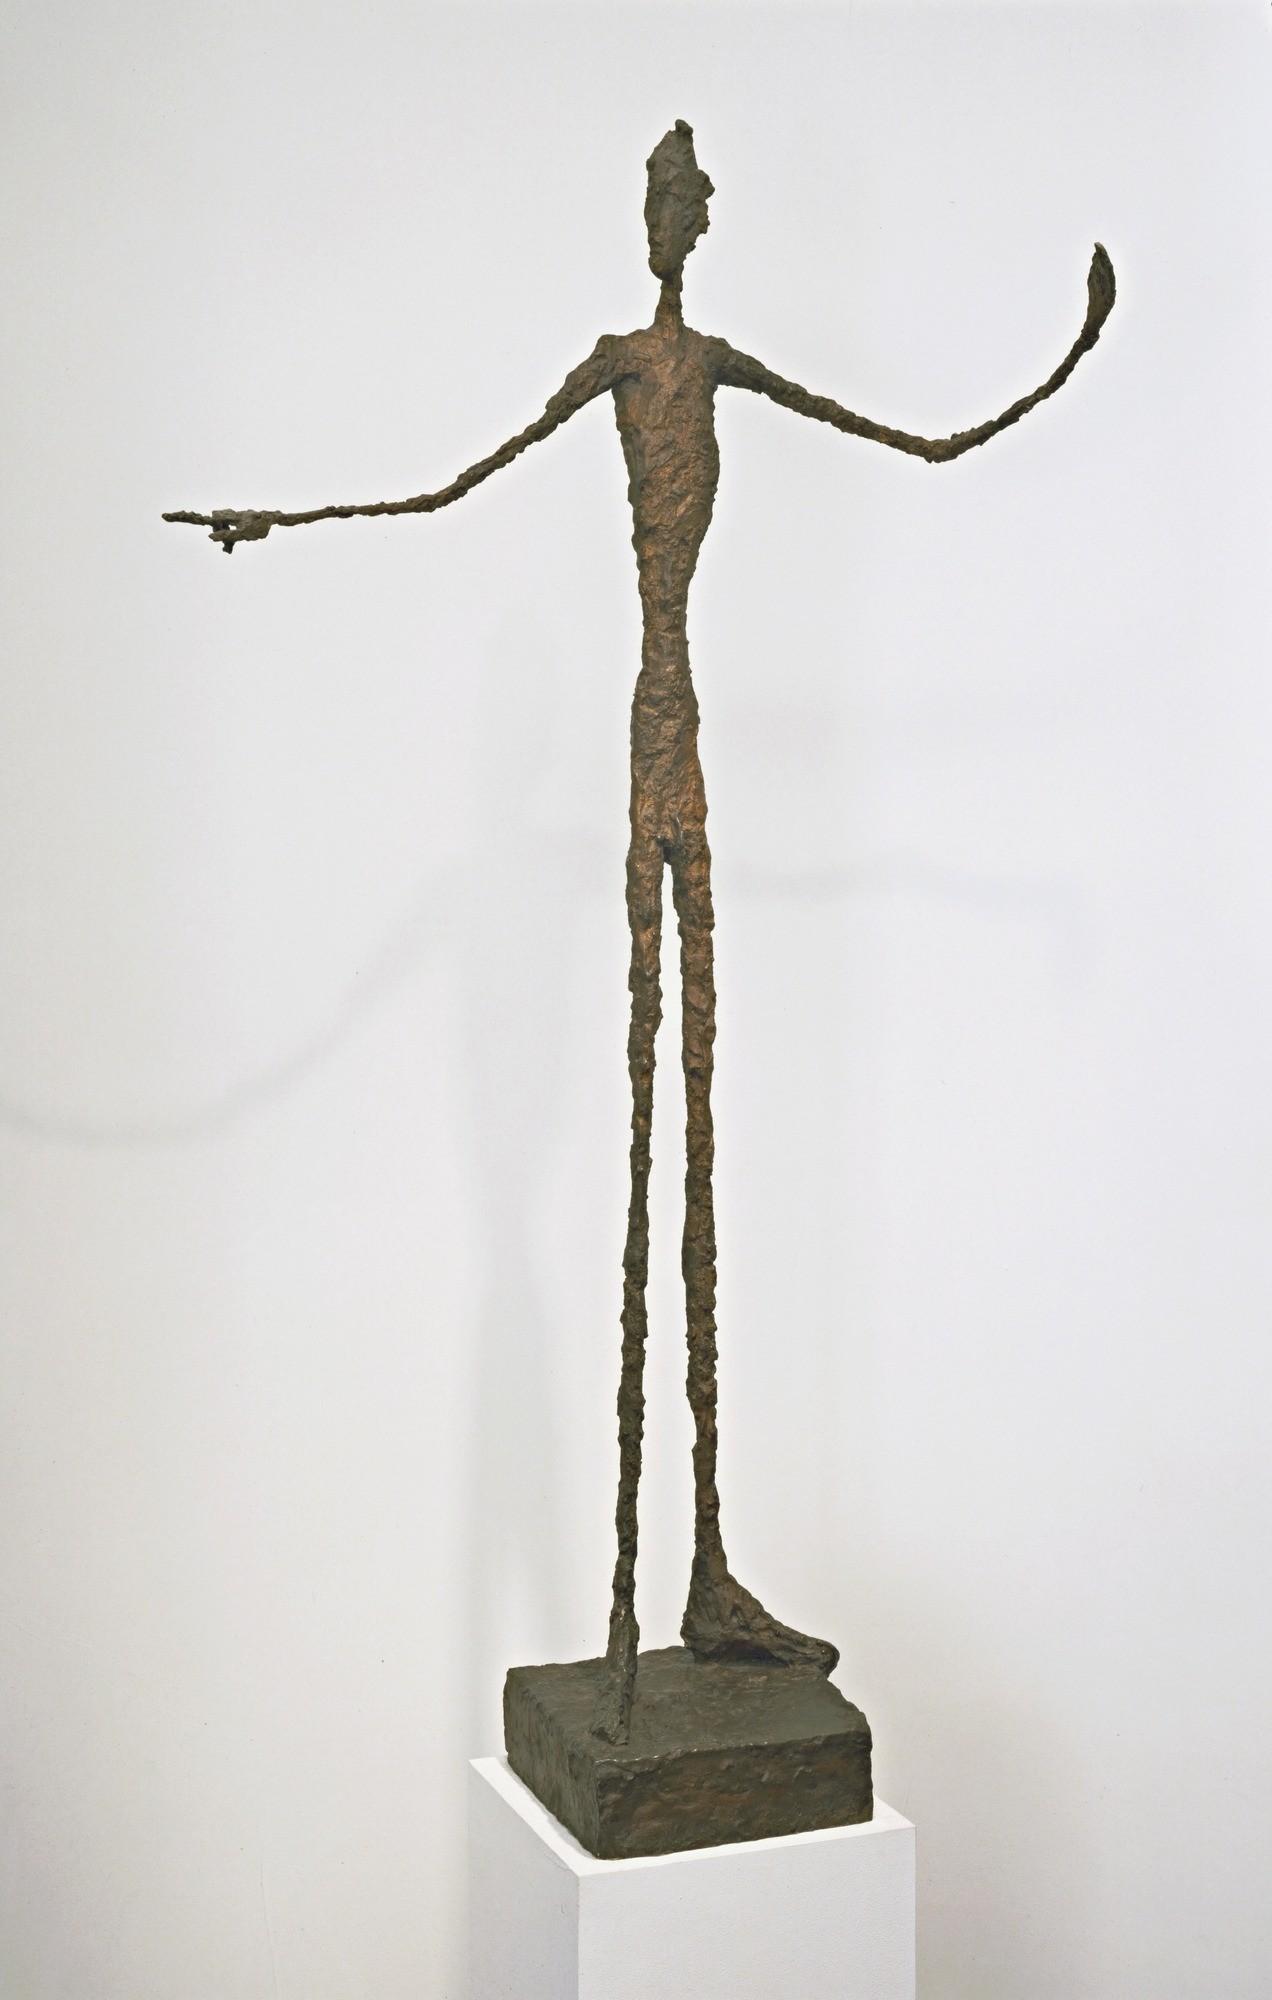 Bărbatul arătând cu degetul, Alberto Giacometti, 1947, MoMa